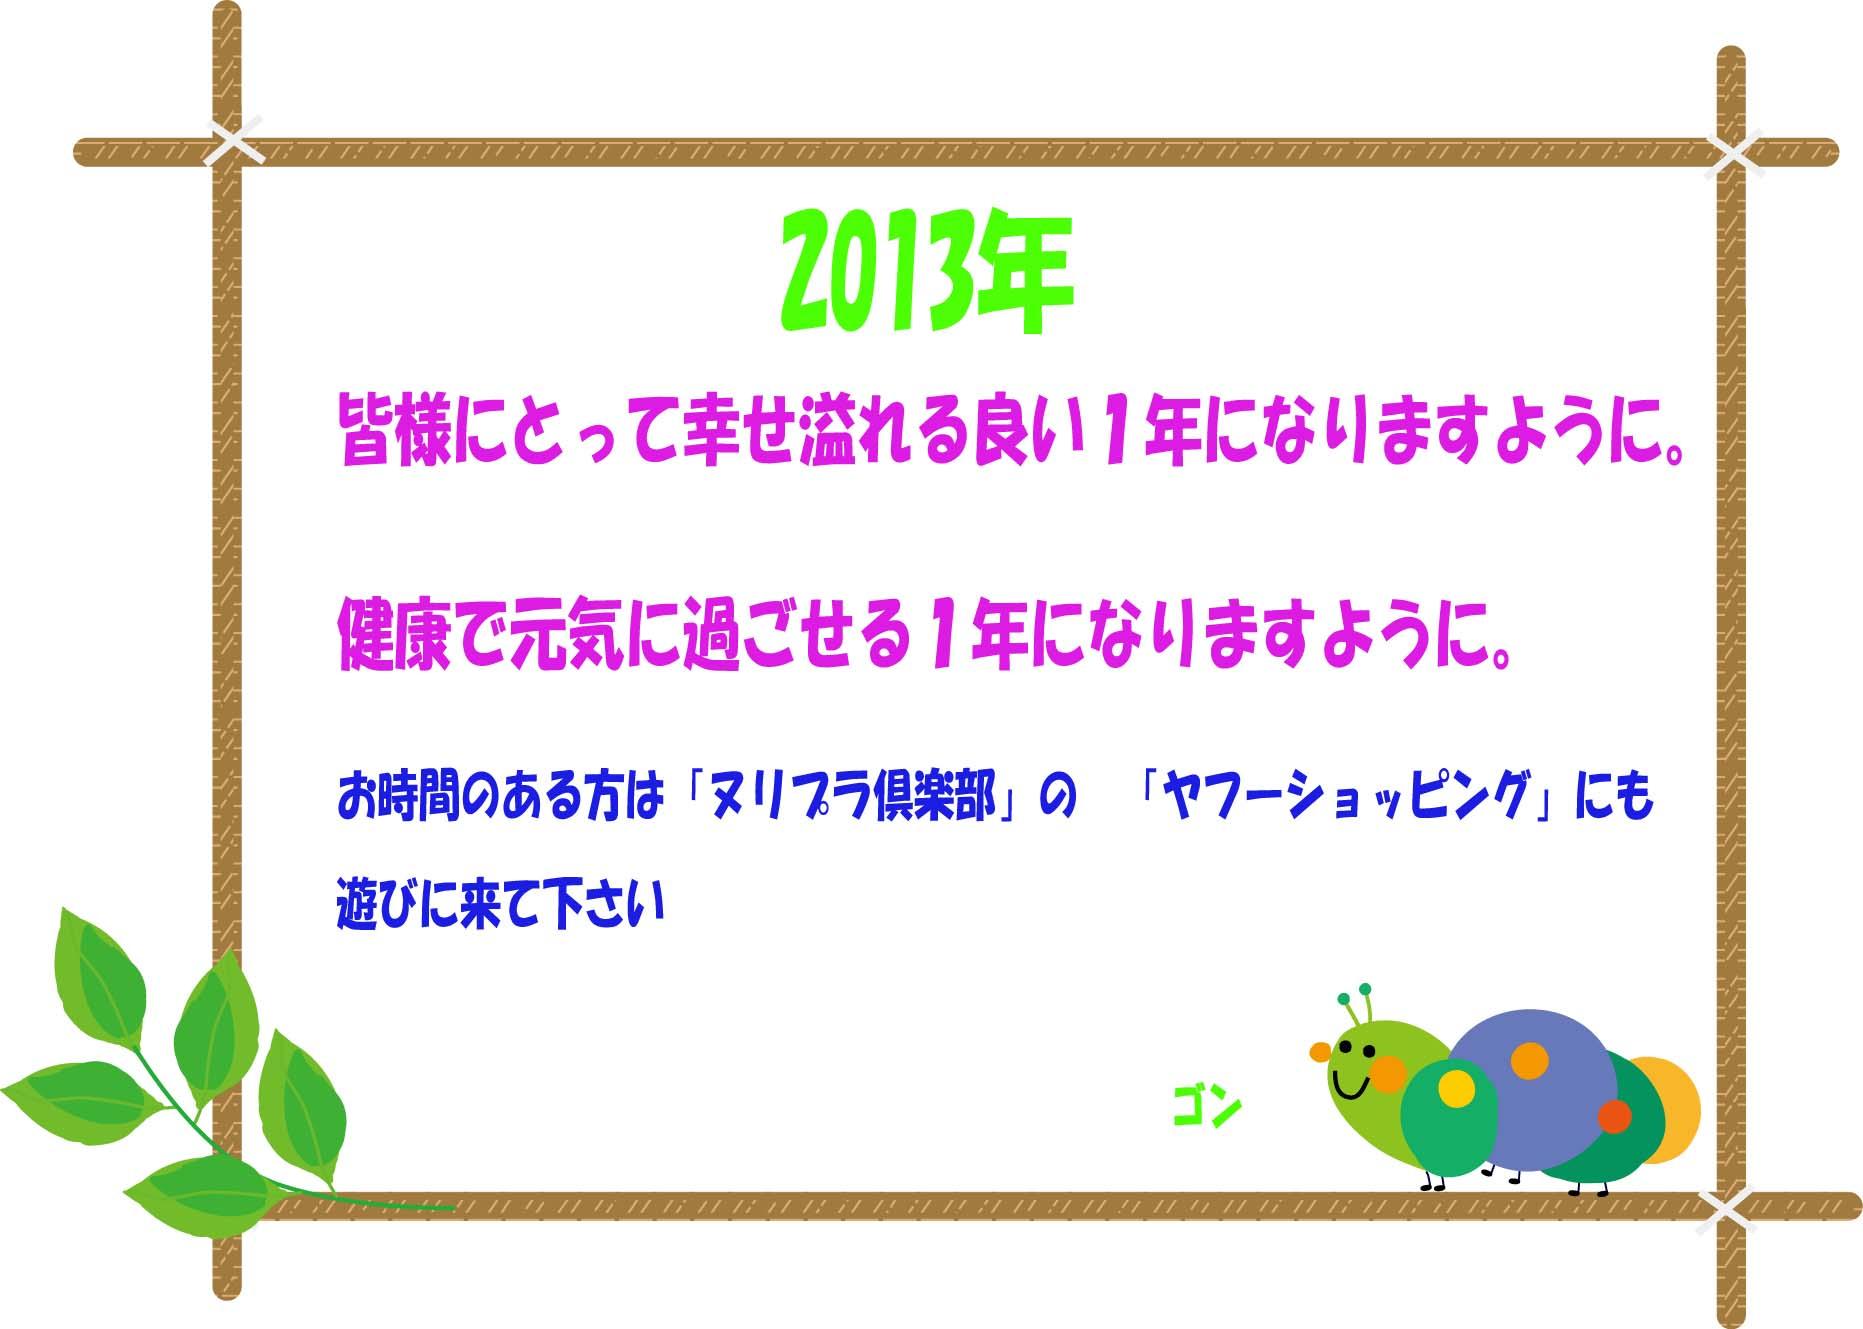 20121229063309520.jpg